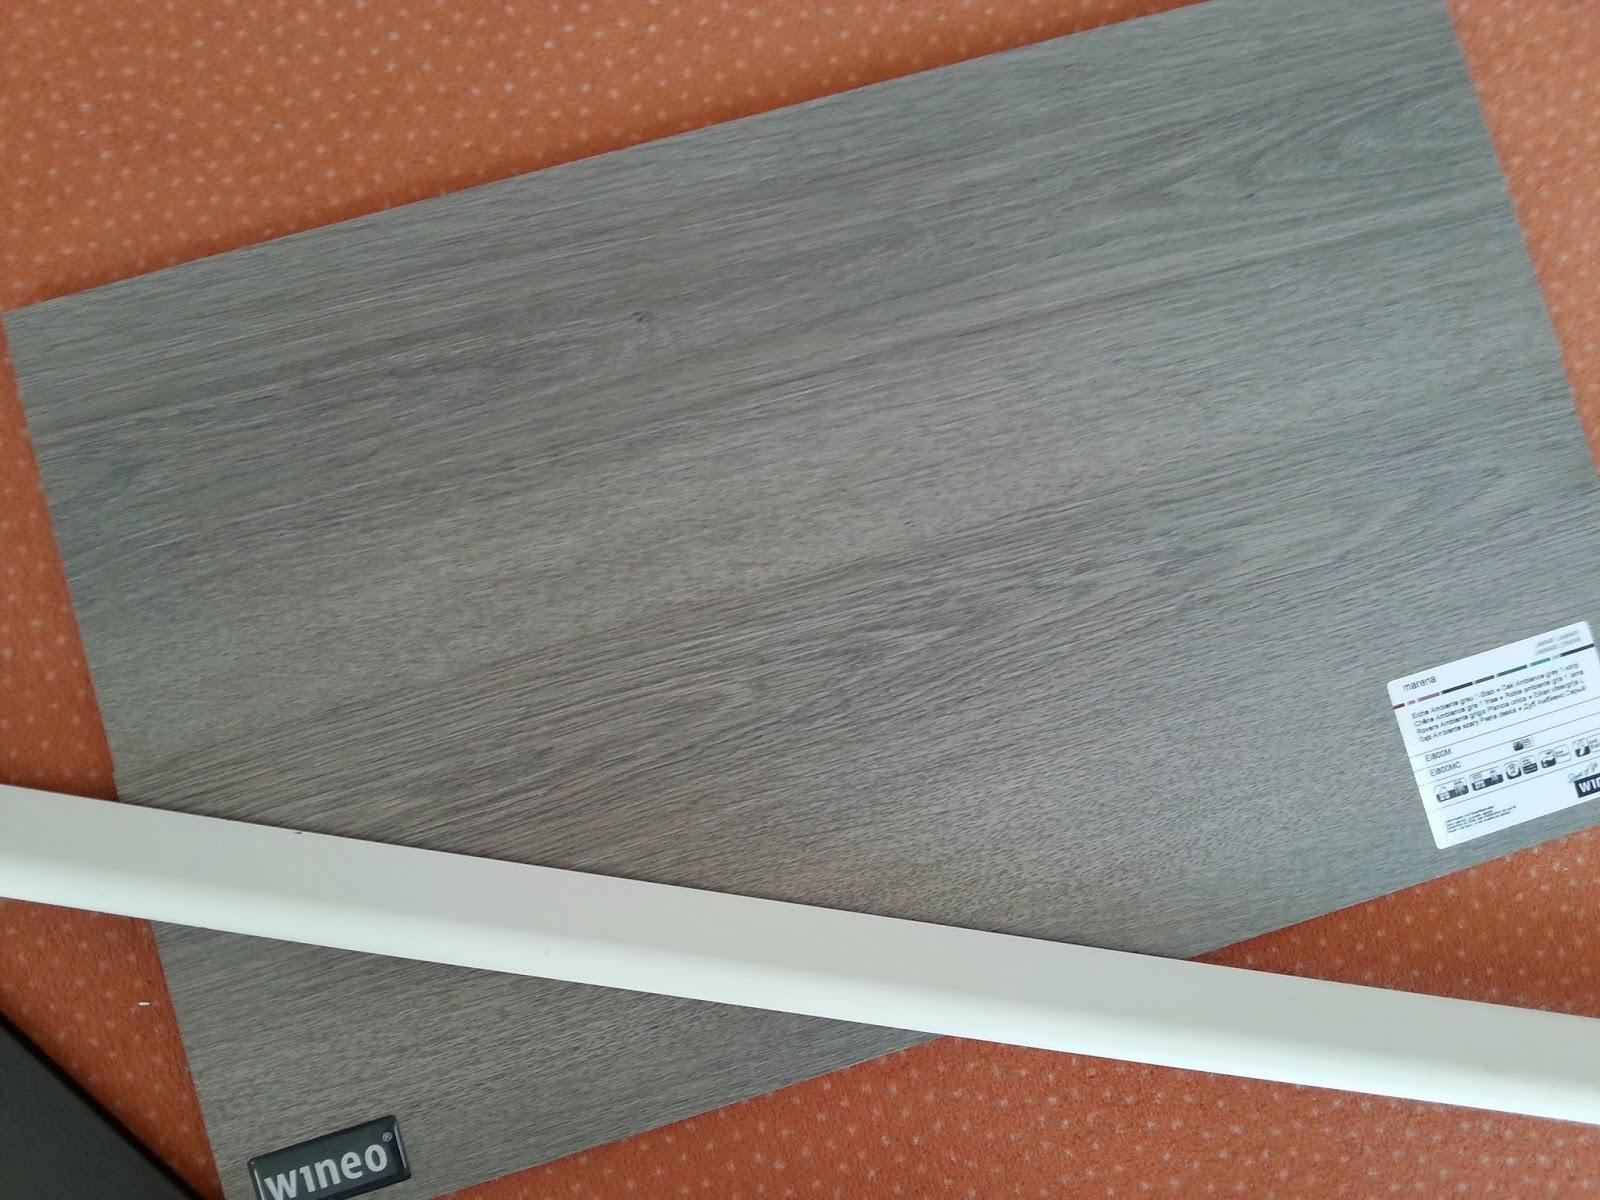 jetzt neue adresse hausbau mit fertighaus weiss blog bautagebuch bemusterung fliesen und laminat. Black Bedroom Furniture Sets. Home Design Ideas